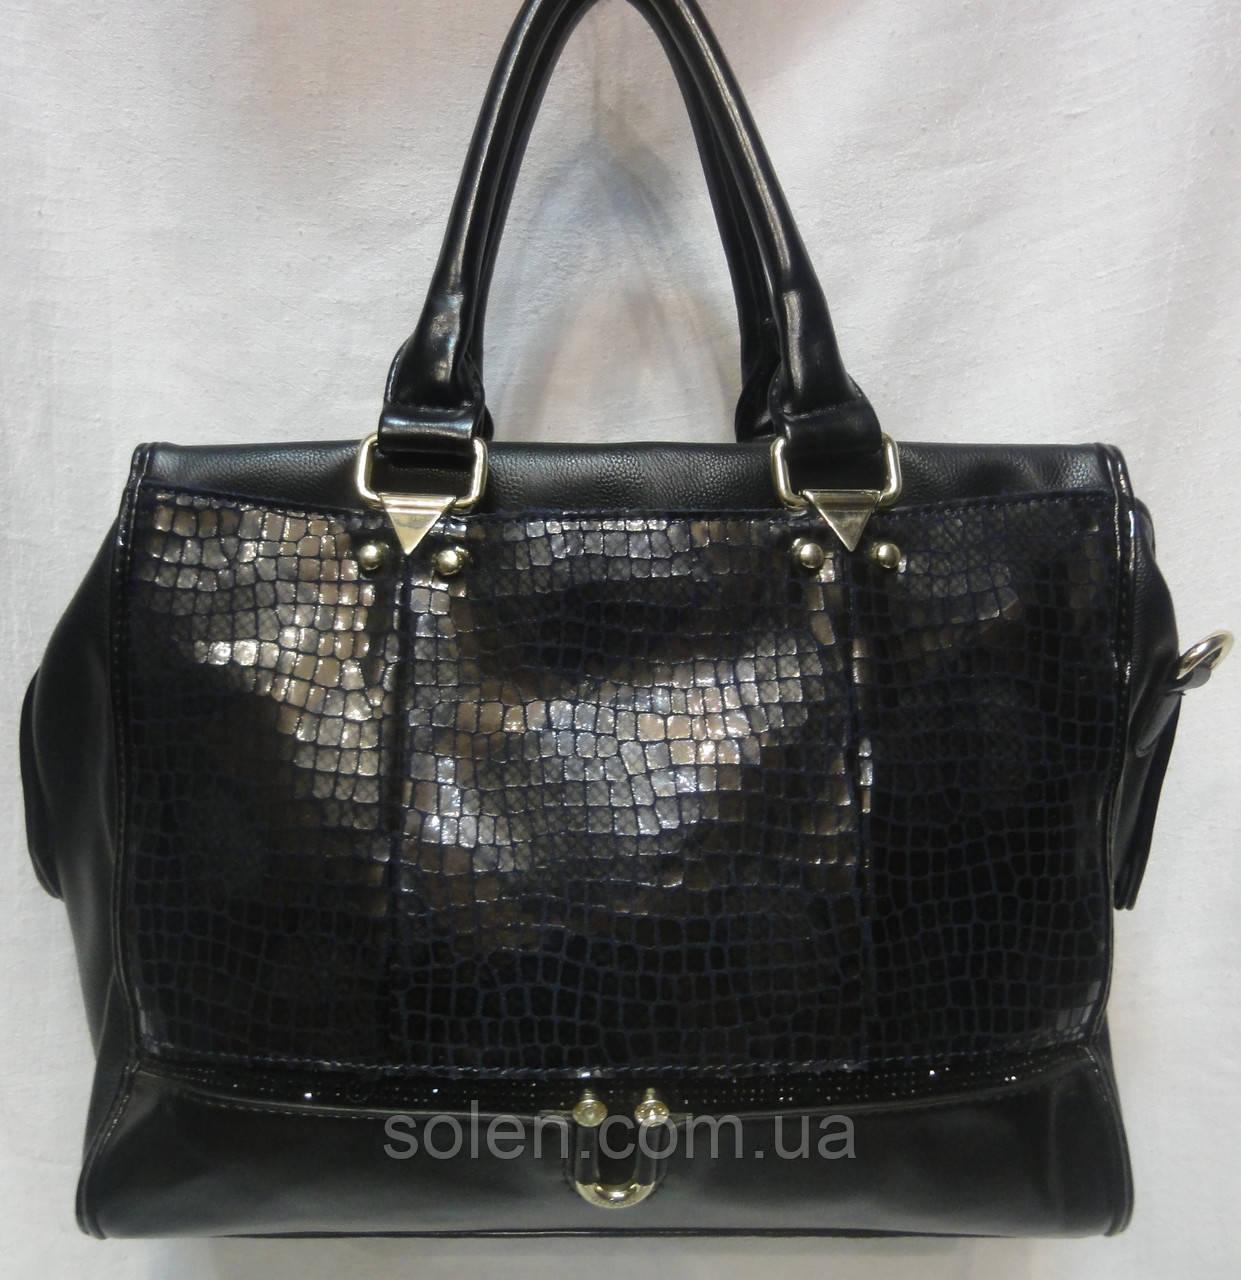 8c1280efe00b Модная сумка из лазерной кожи. - Интернет-магазин сумок Solen в Харькове